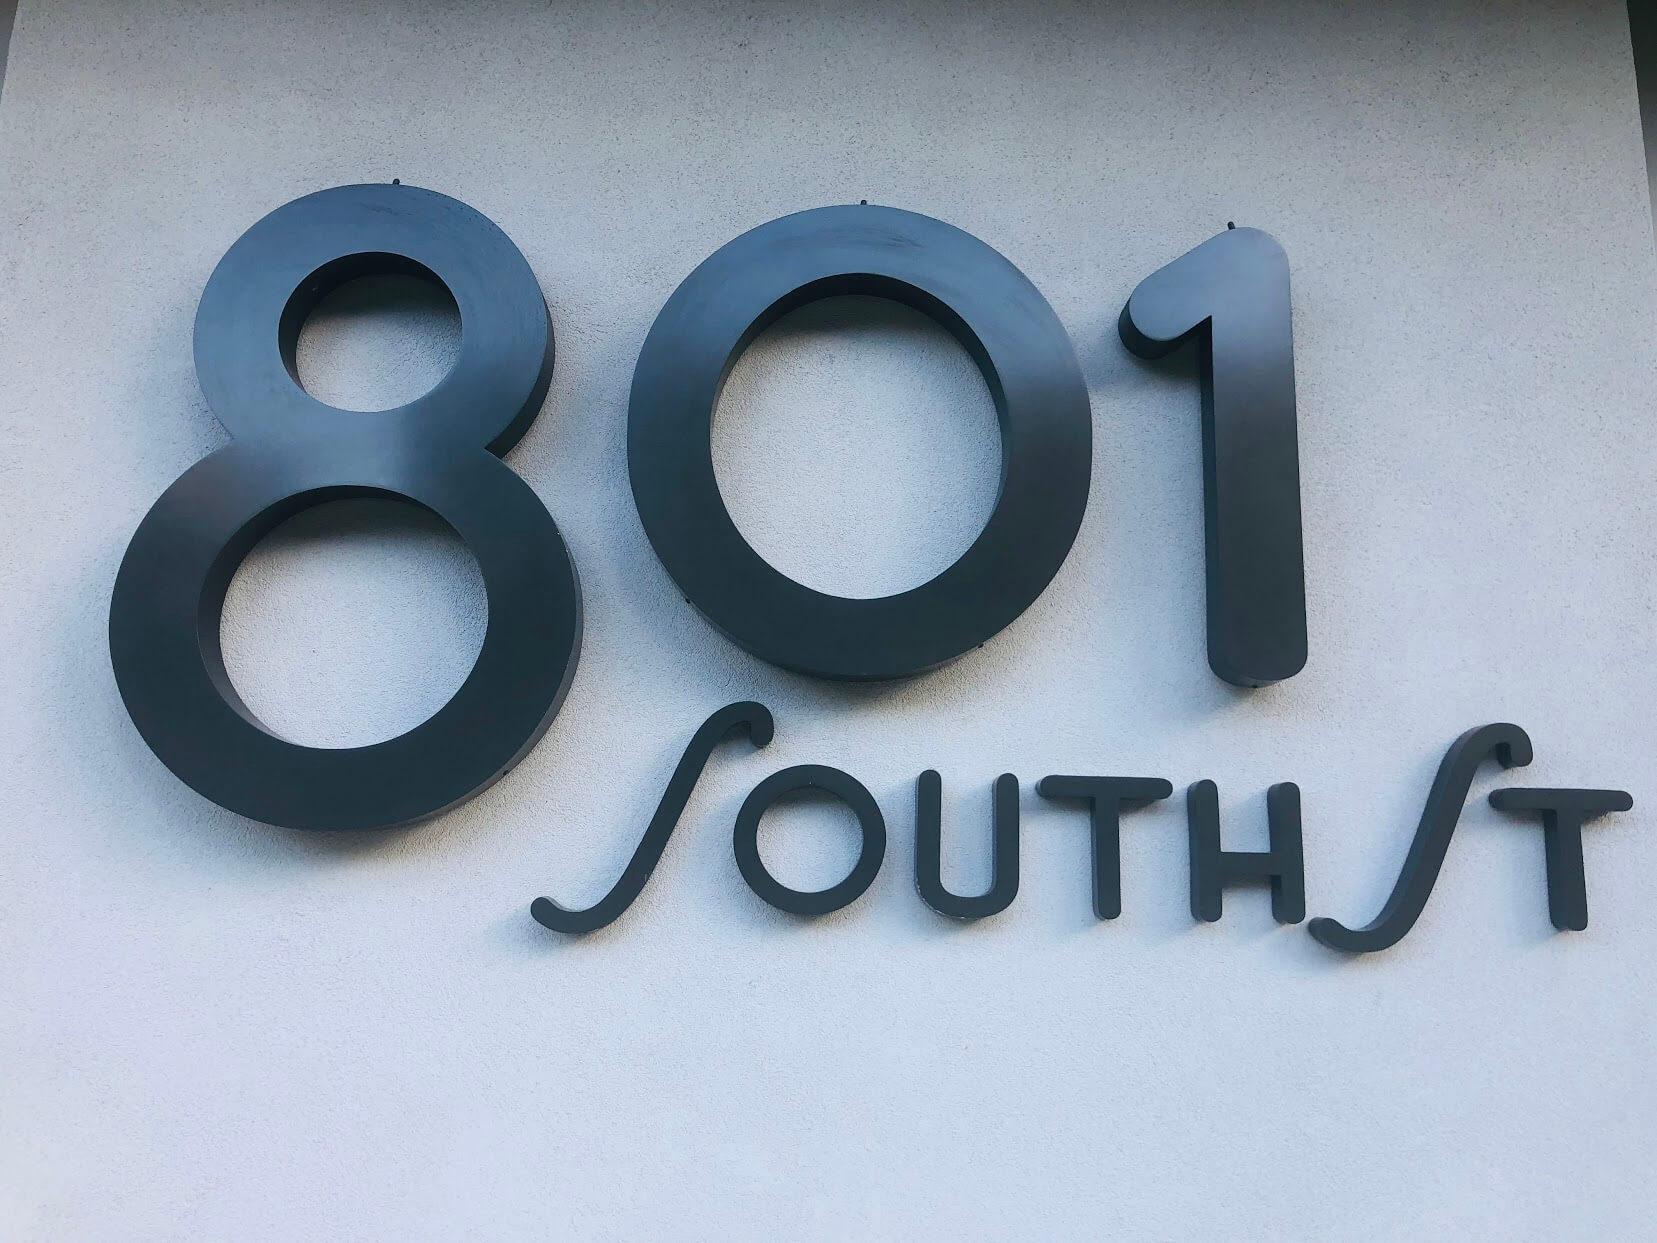 801 South Stの看板